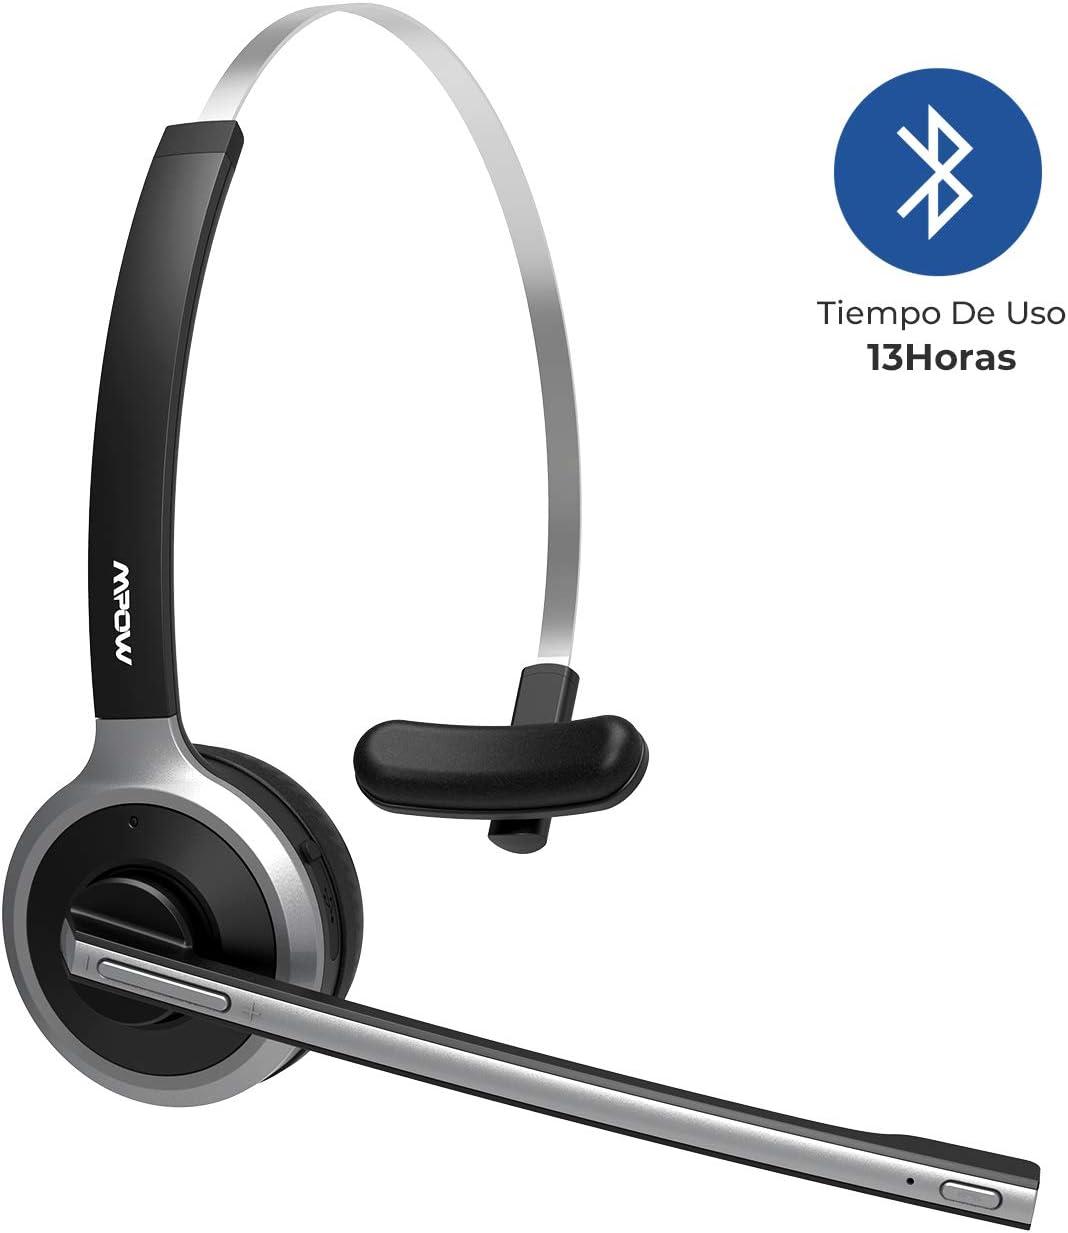 Mpow Auriculares Bluetooth V4.2 con Micrófono, Auriculares Inalámbricos de Diadema, Cancelación de Ruido, Manos Libre Bluetooth, para Conductores, Centro de Llamada, Oficina, Skype